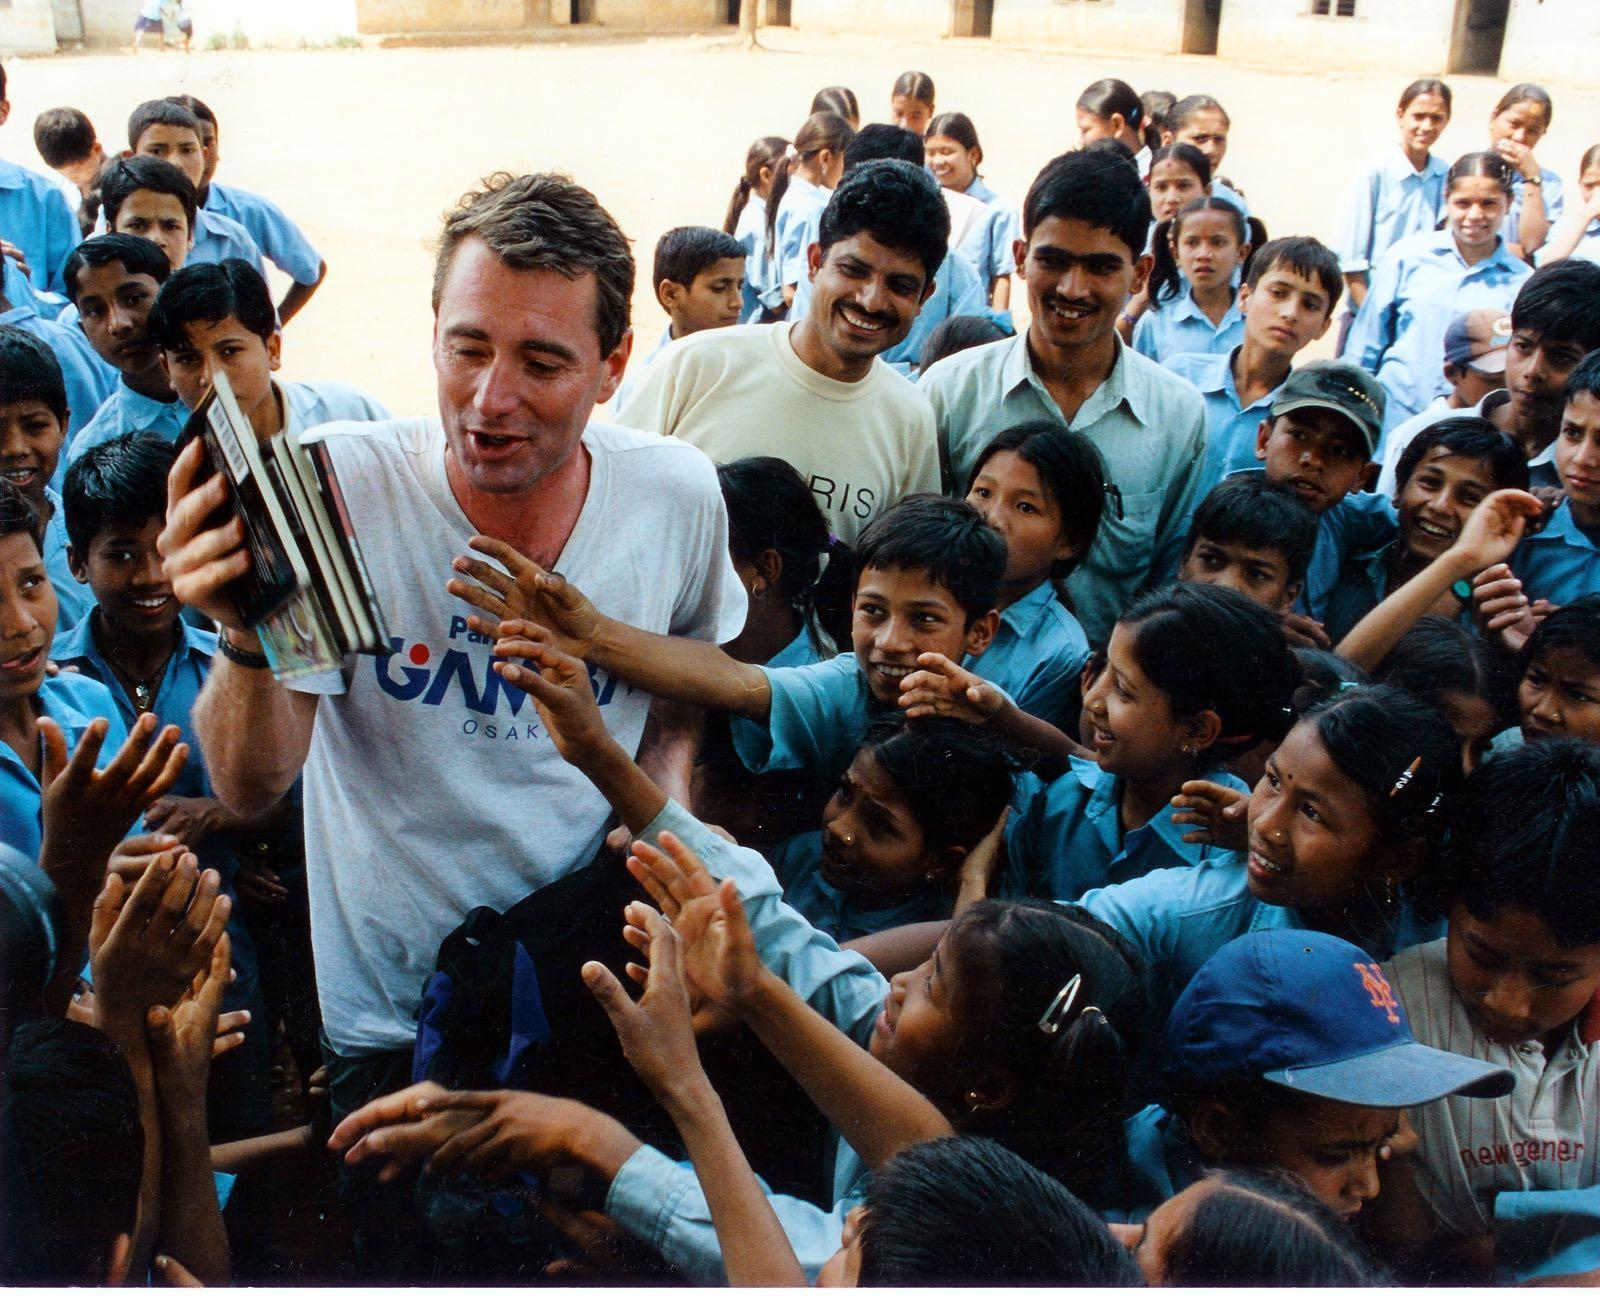 habitacion-de-la-lectura-bibliotecas-paises-en-desarrollo-educacion pobreza proyecto John Wood Room to read-